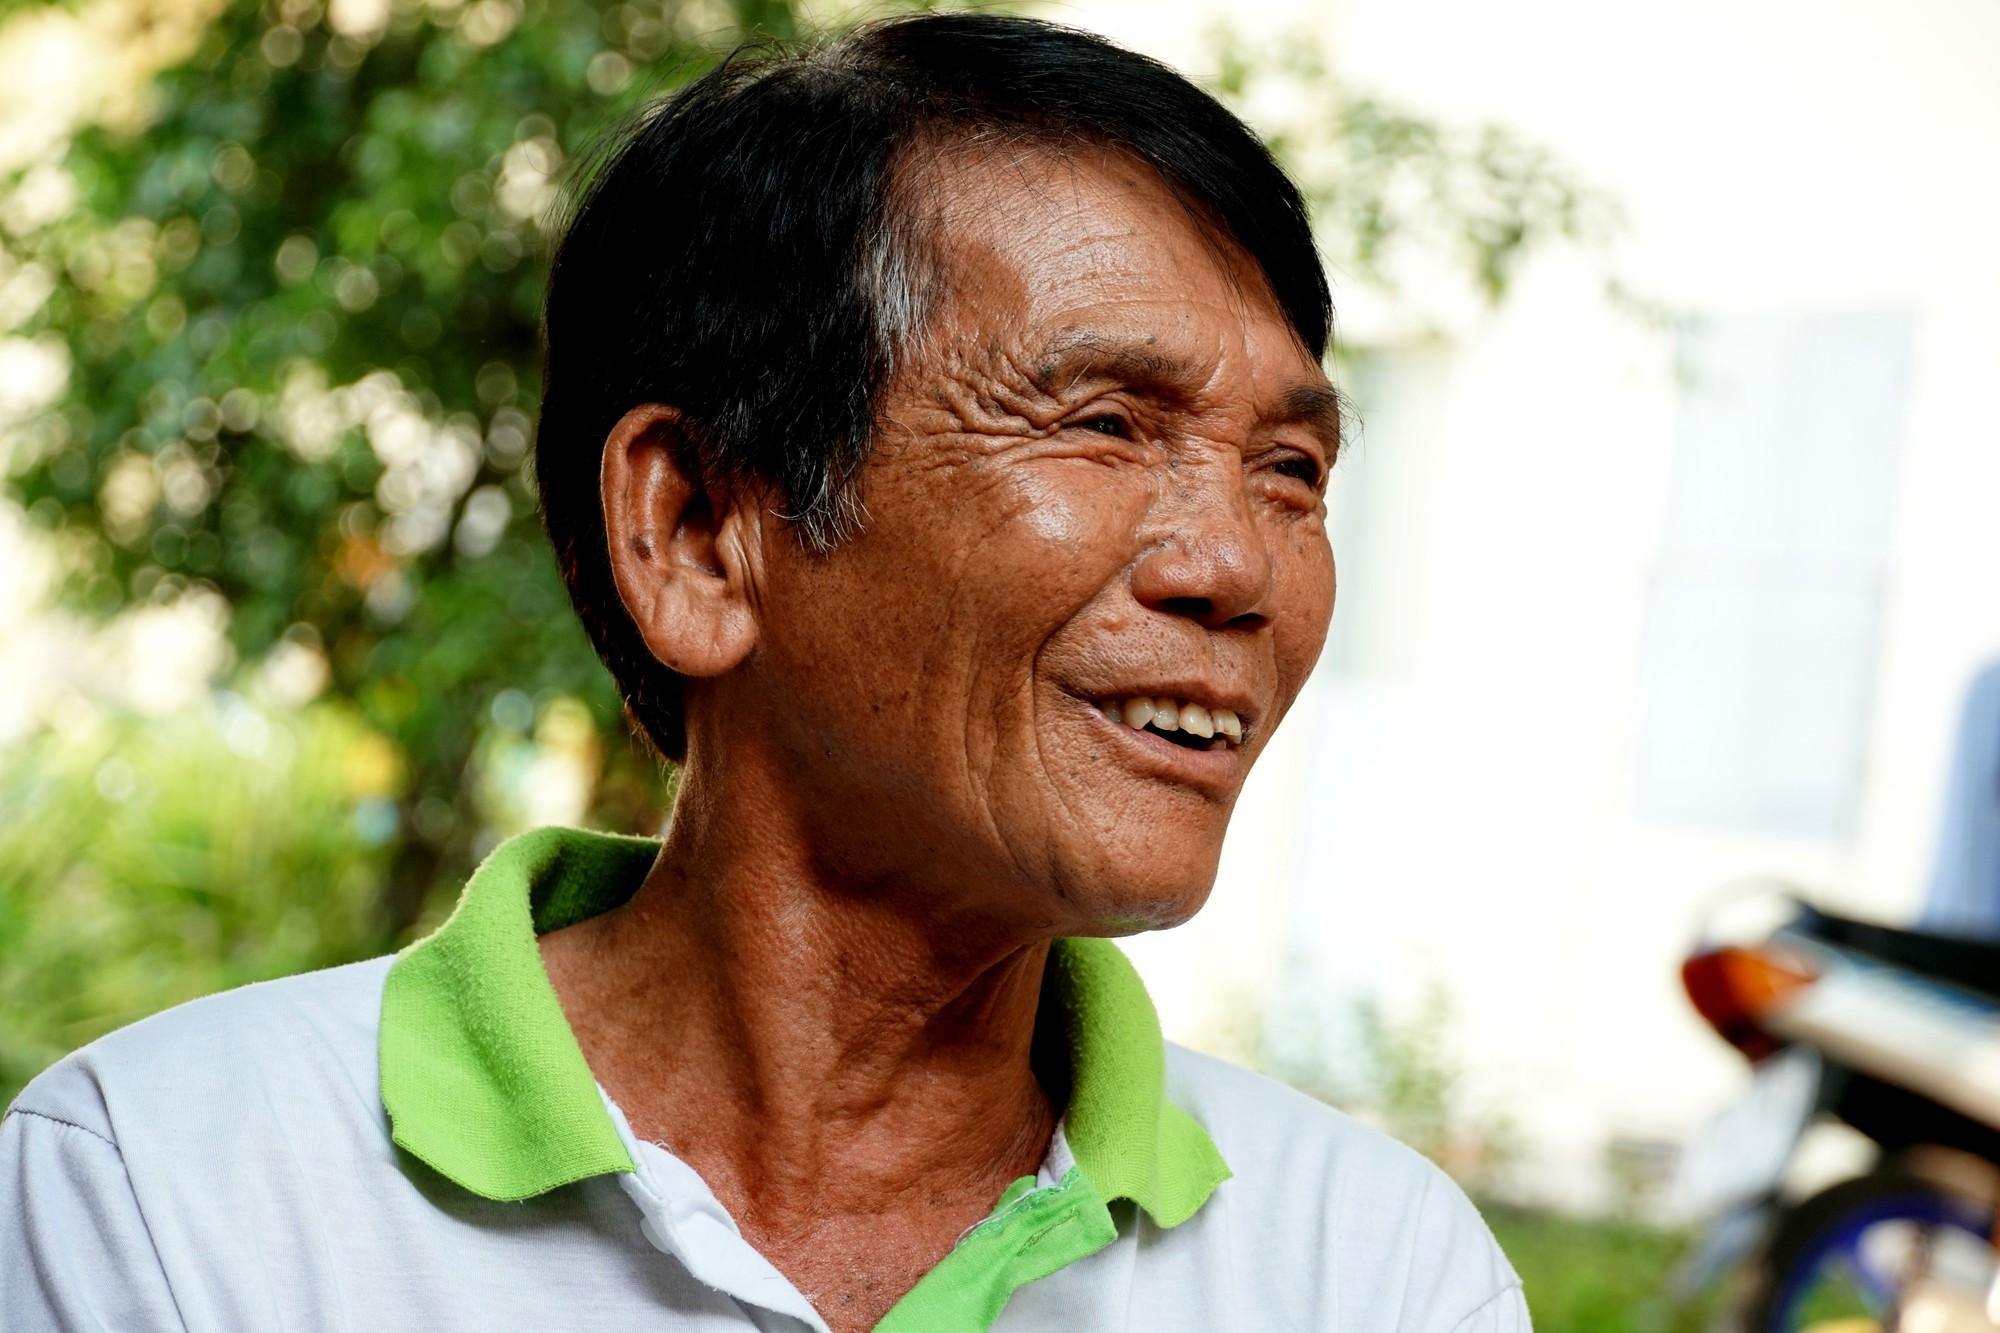 Chuyện tình đẹp như phim của bác bảo vệ già bị dàn cảnh trộm xe SH, bật khóc nức nở giữa Sài Gòn - Ảnh 10.